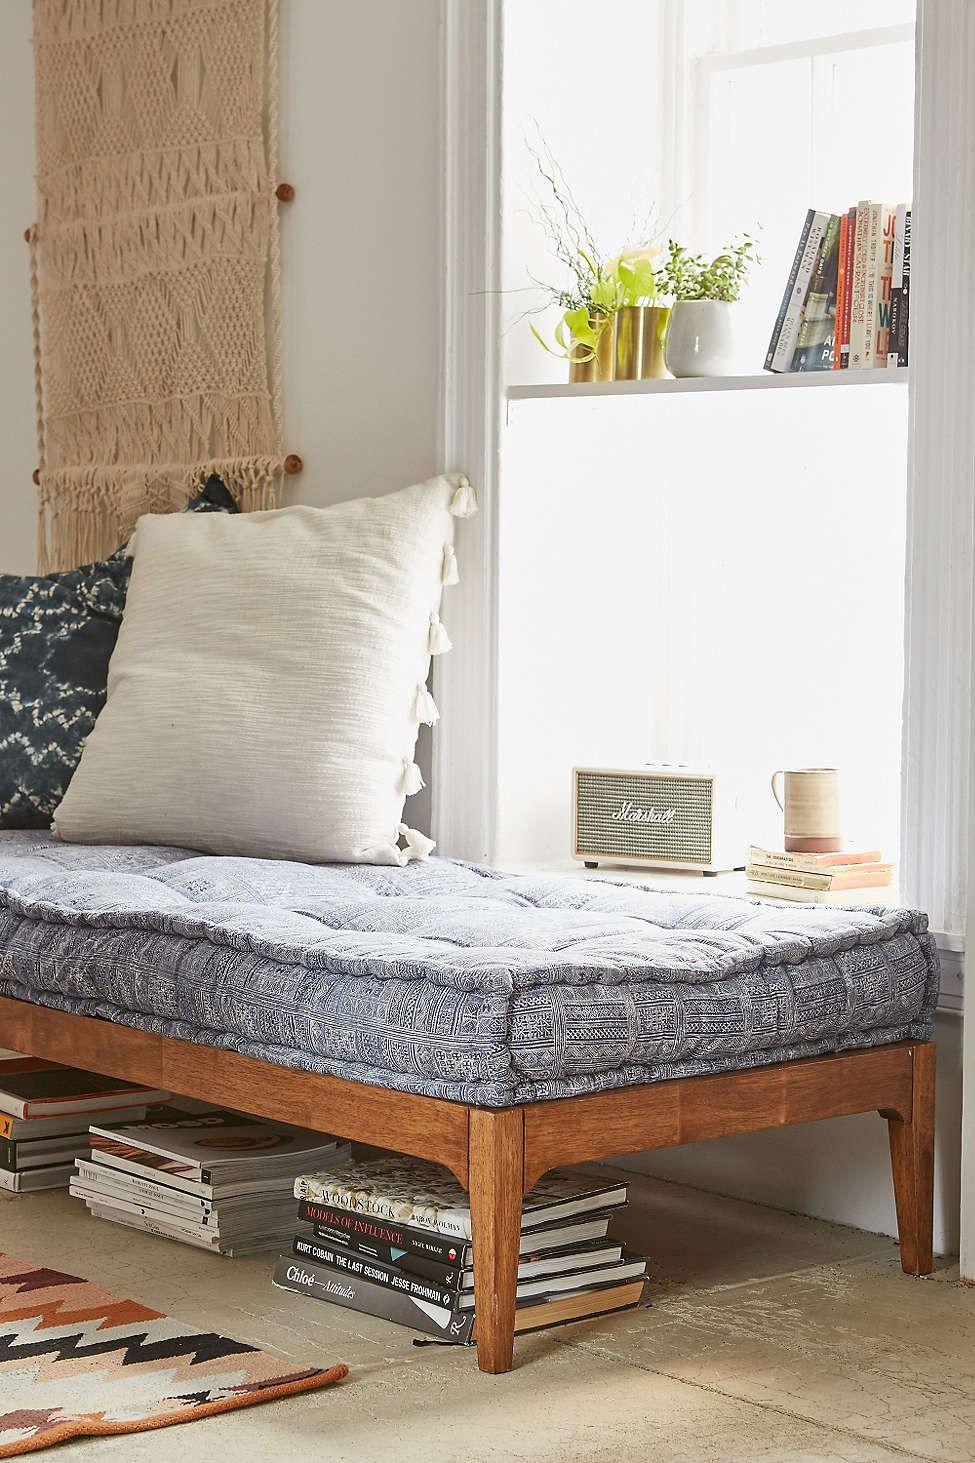 sweet home boho einrichtung pinterest wohnen wohnzimmer und tagesbett. Black Bedroom Furniture Sets. Home Design Ideas